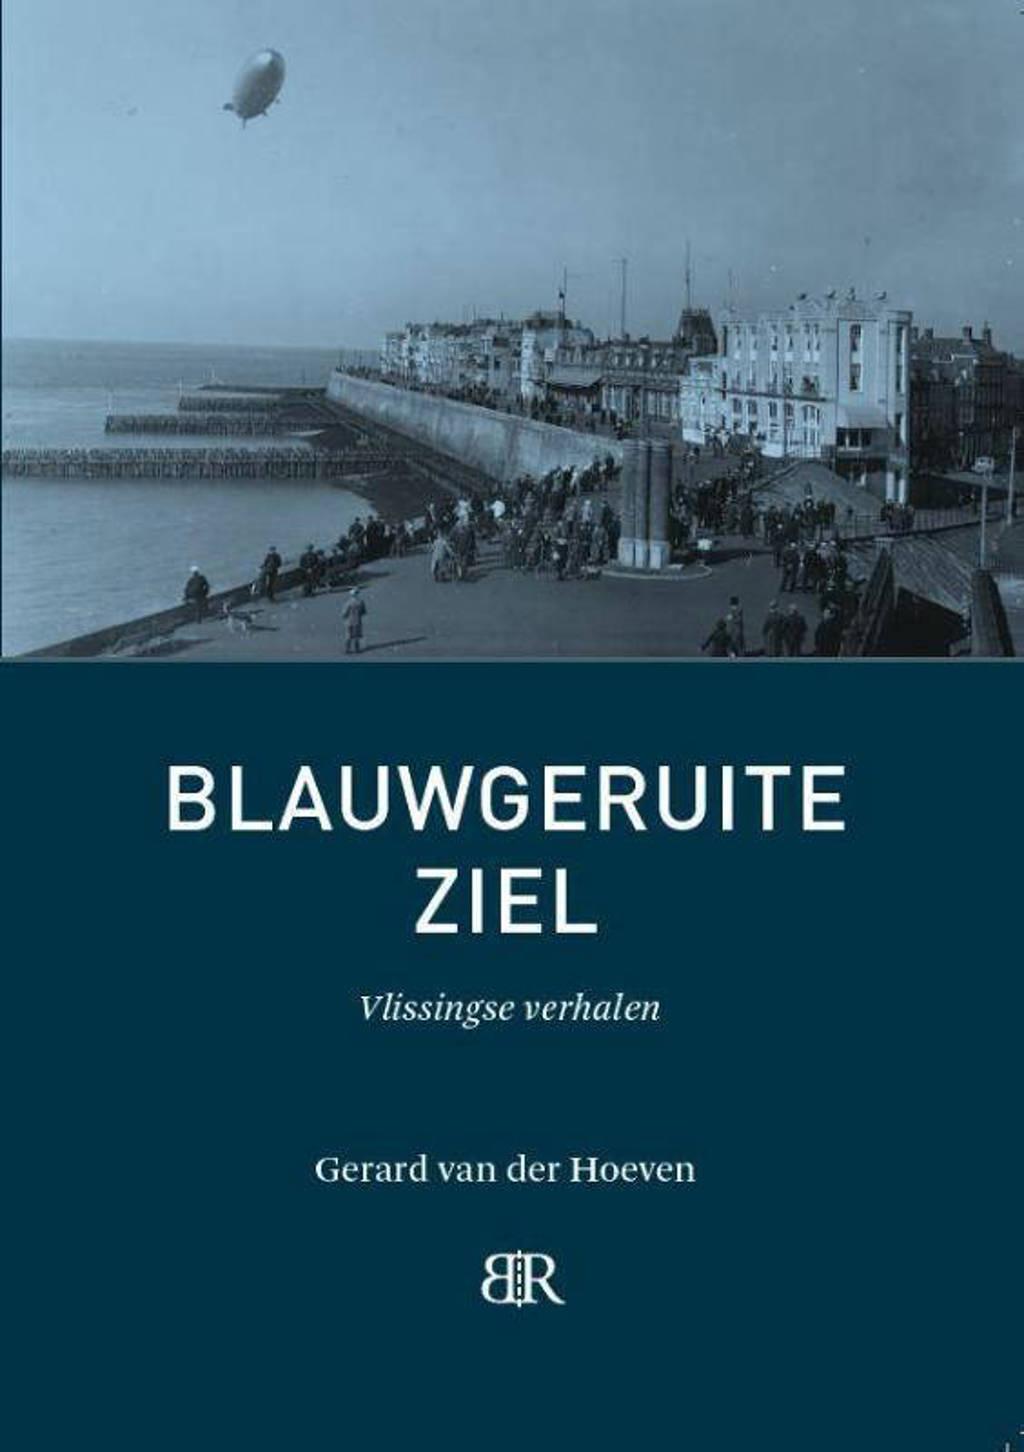 Blauwgeruite ziel - Gerard van der Hoeven